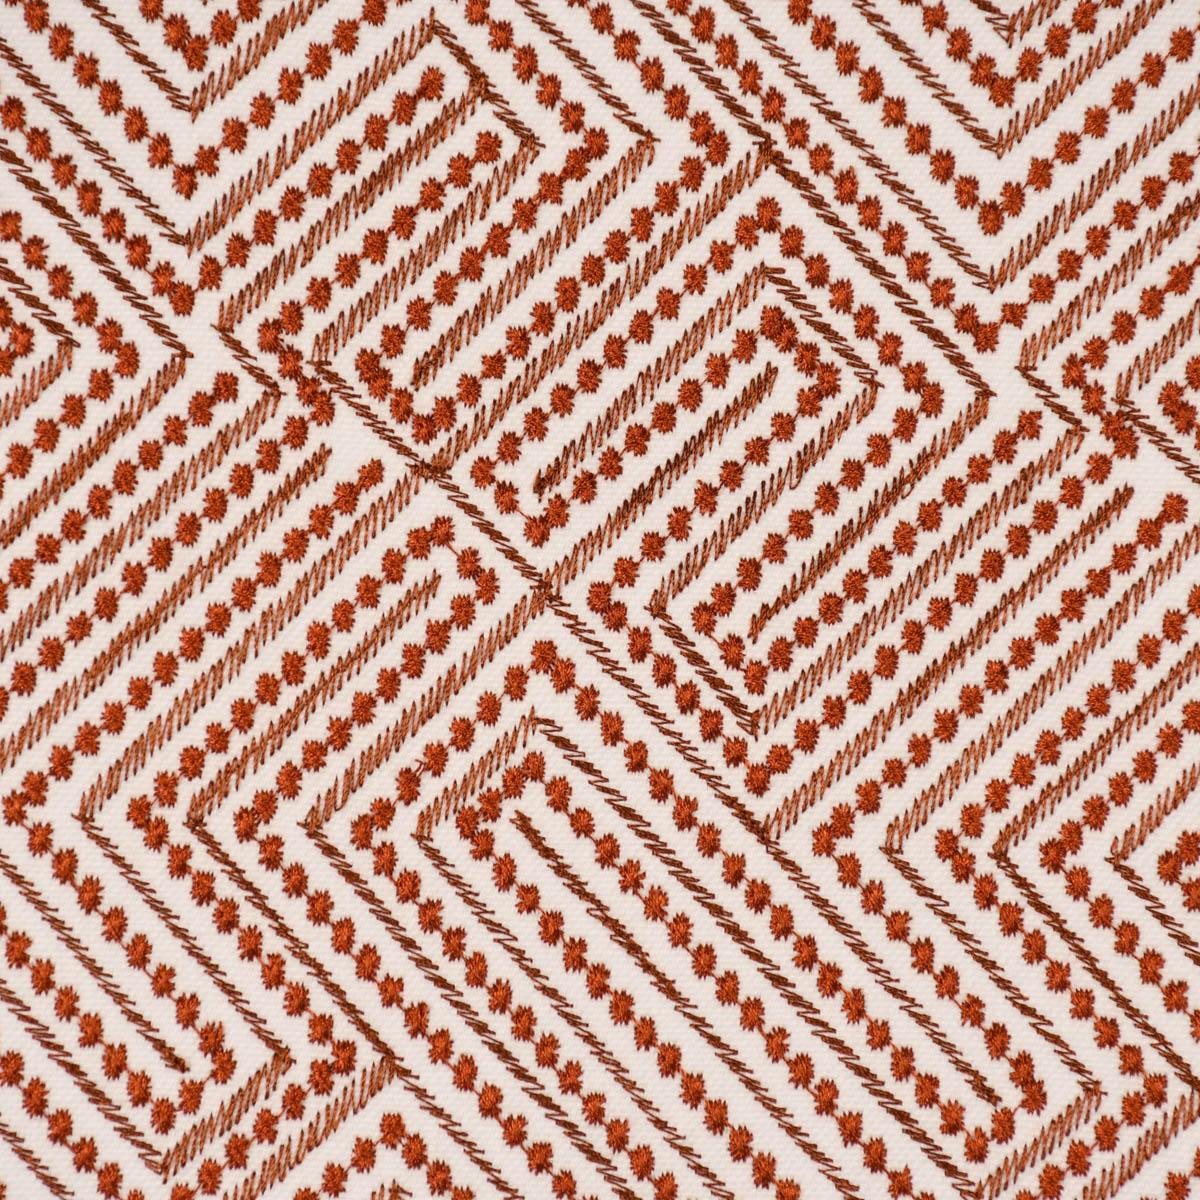 Rasch Textil Dekostoff Gardinenstoff Stickerei Grafik Arusha weiß rost 1,4m Breite